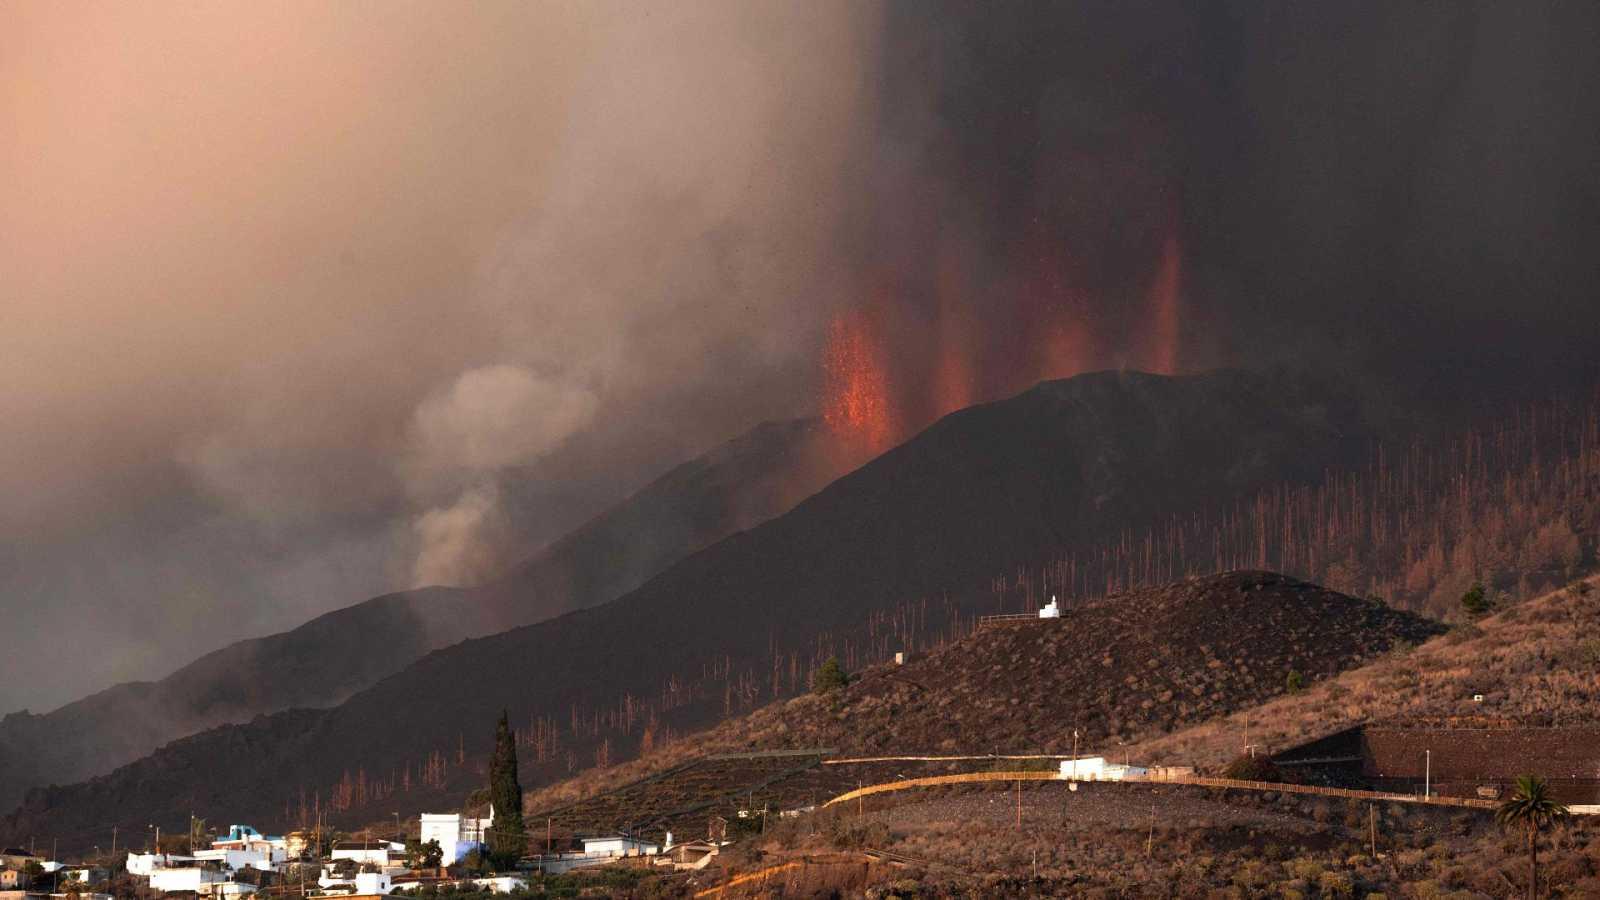 La Palma, semana 1 después de la erupción: la desesperanza hace mella entre los casi 6.000 evacuados